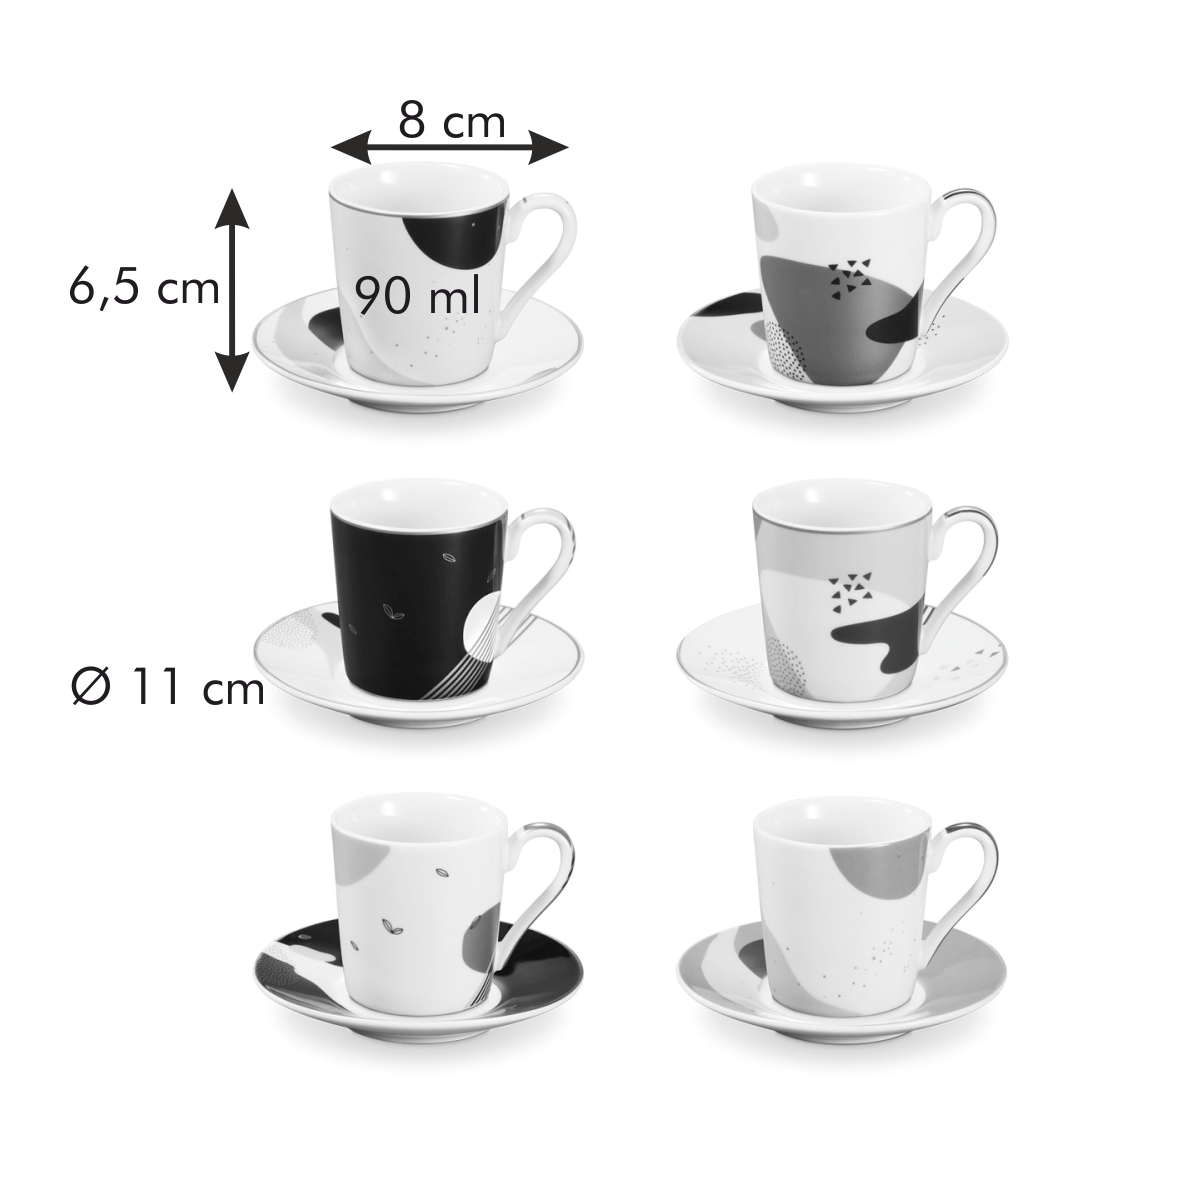 Šálek na espresso s podšálkem myCOFFEE, 6 ks, Moon